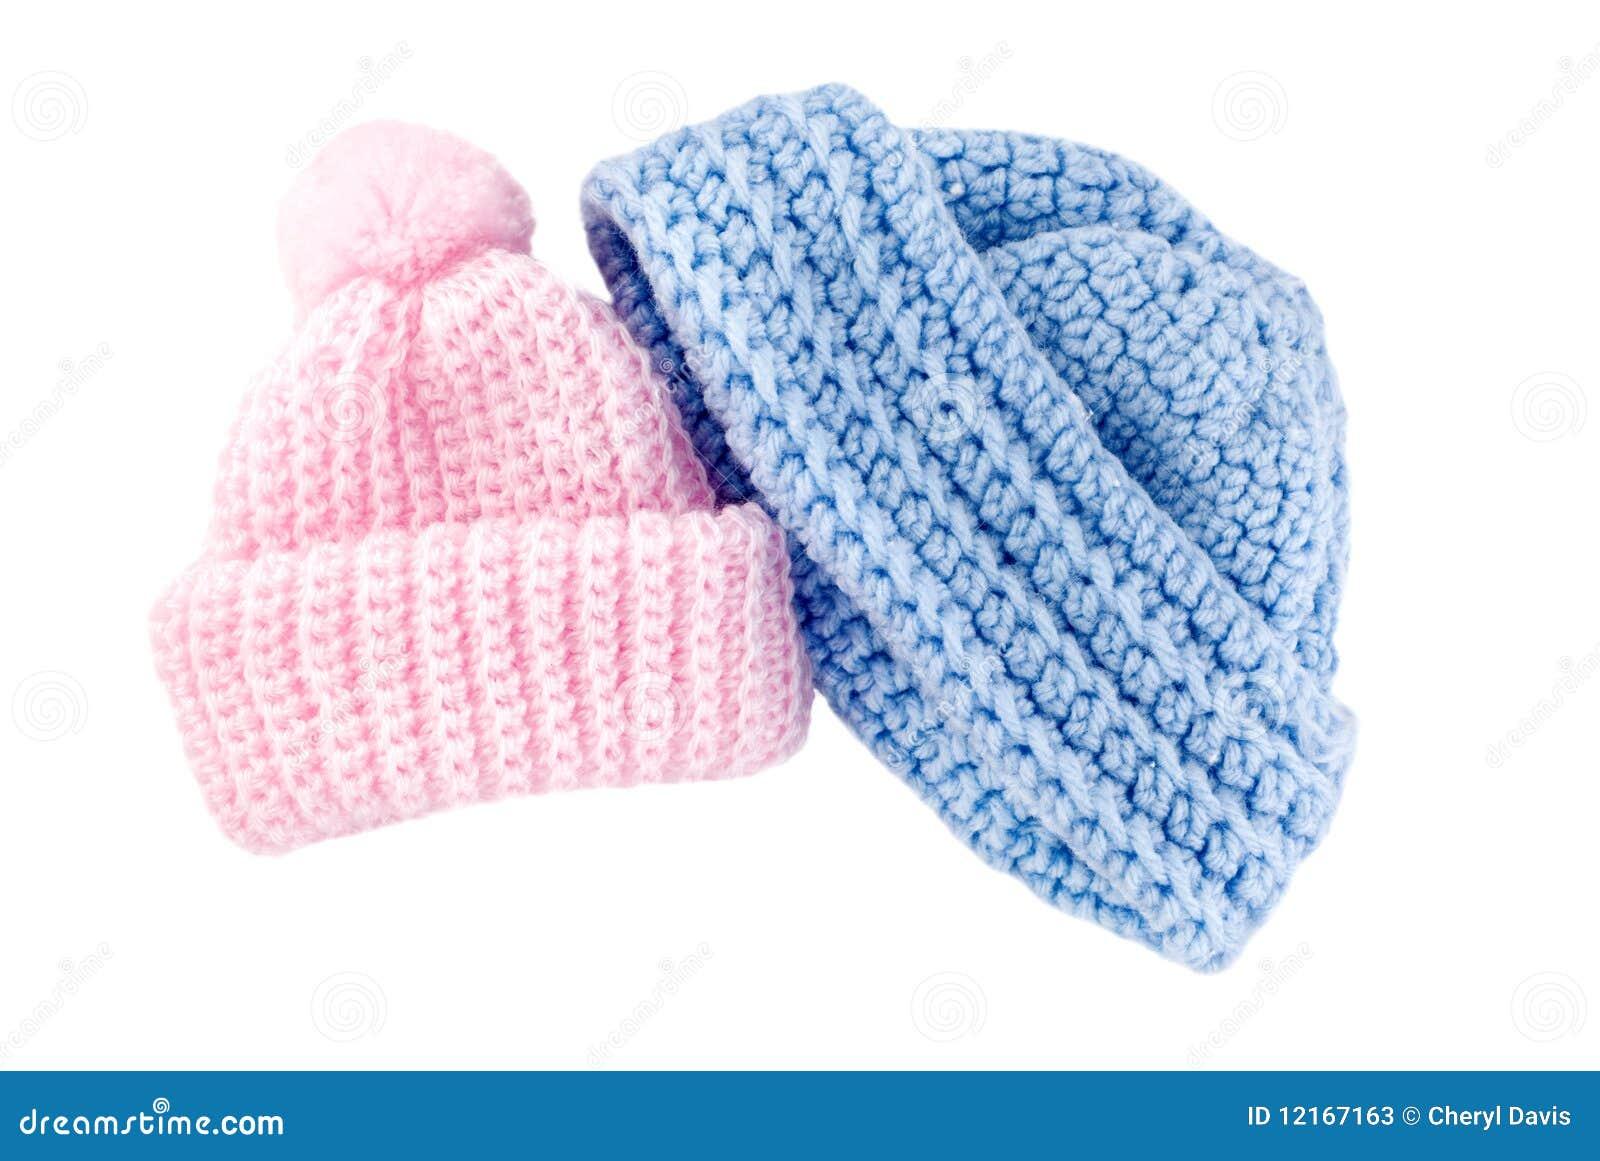 Sombreros Crocheted del bebé para el muchacho y la muchacha